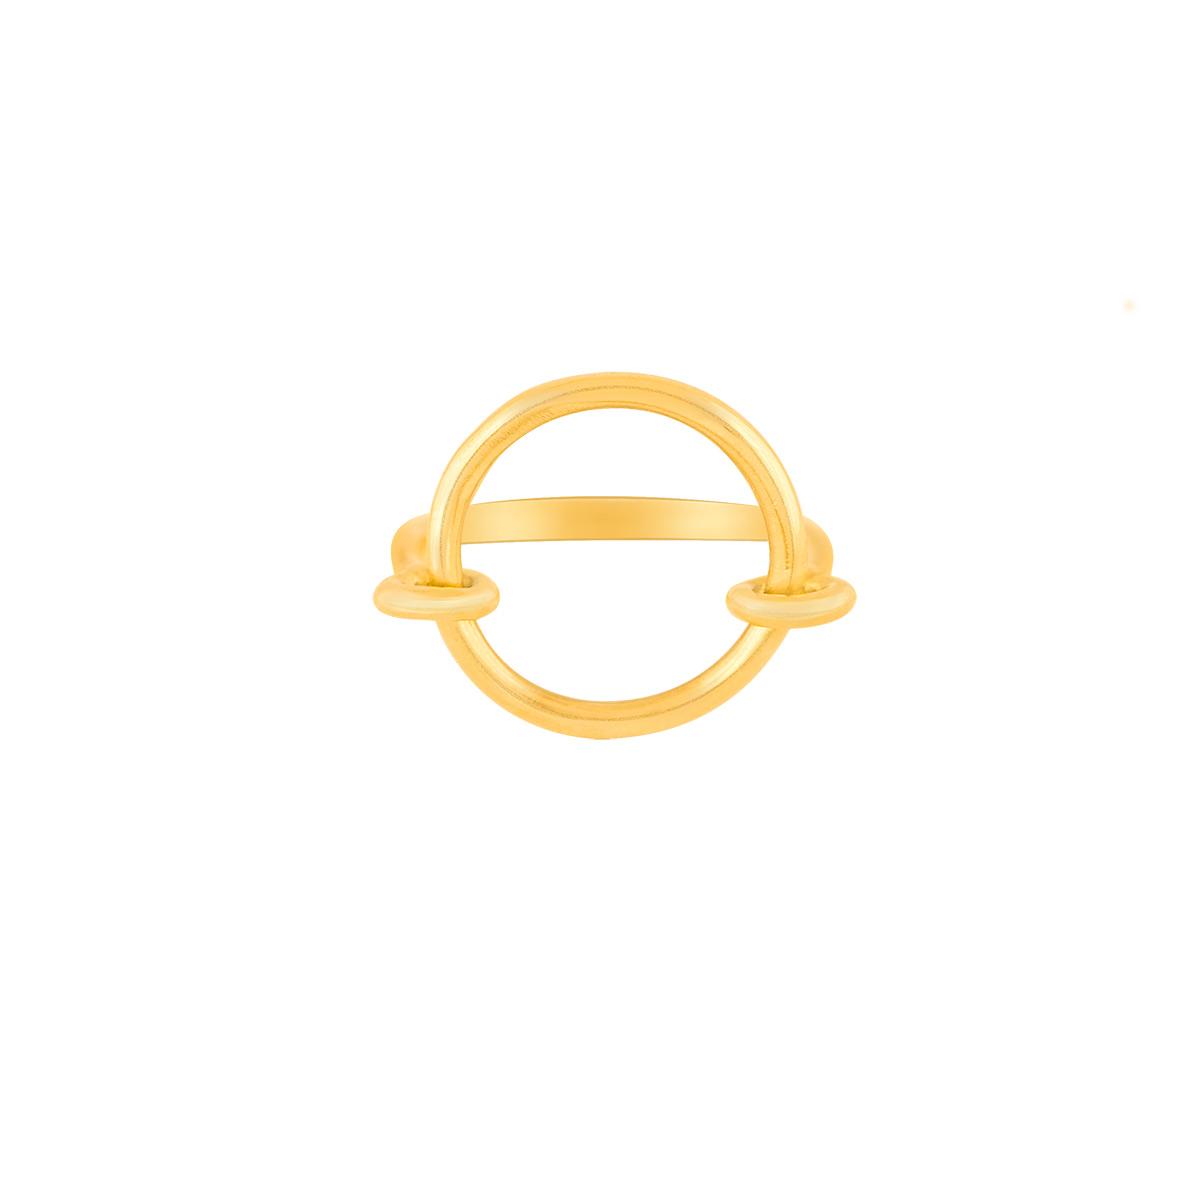 انگشتر طلا Circle پرسته